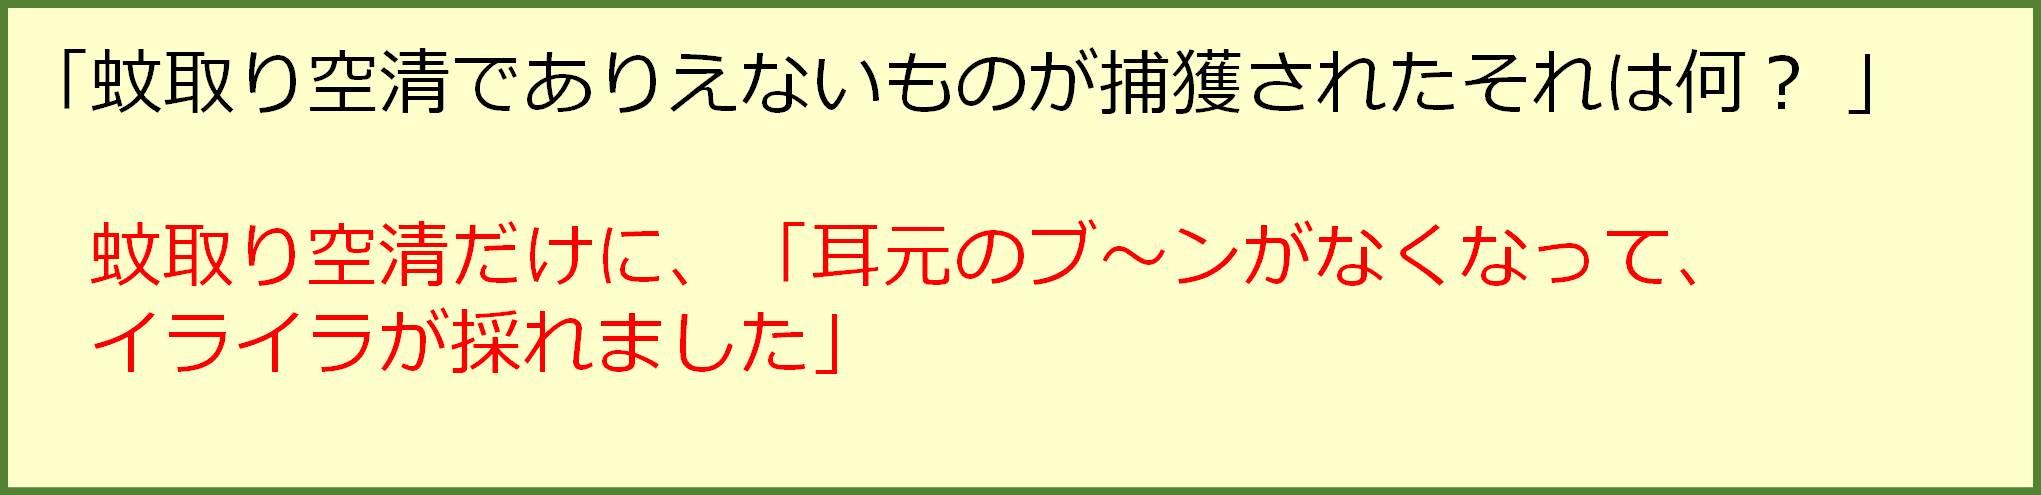 image_161027_1-1